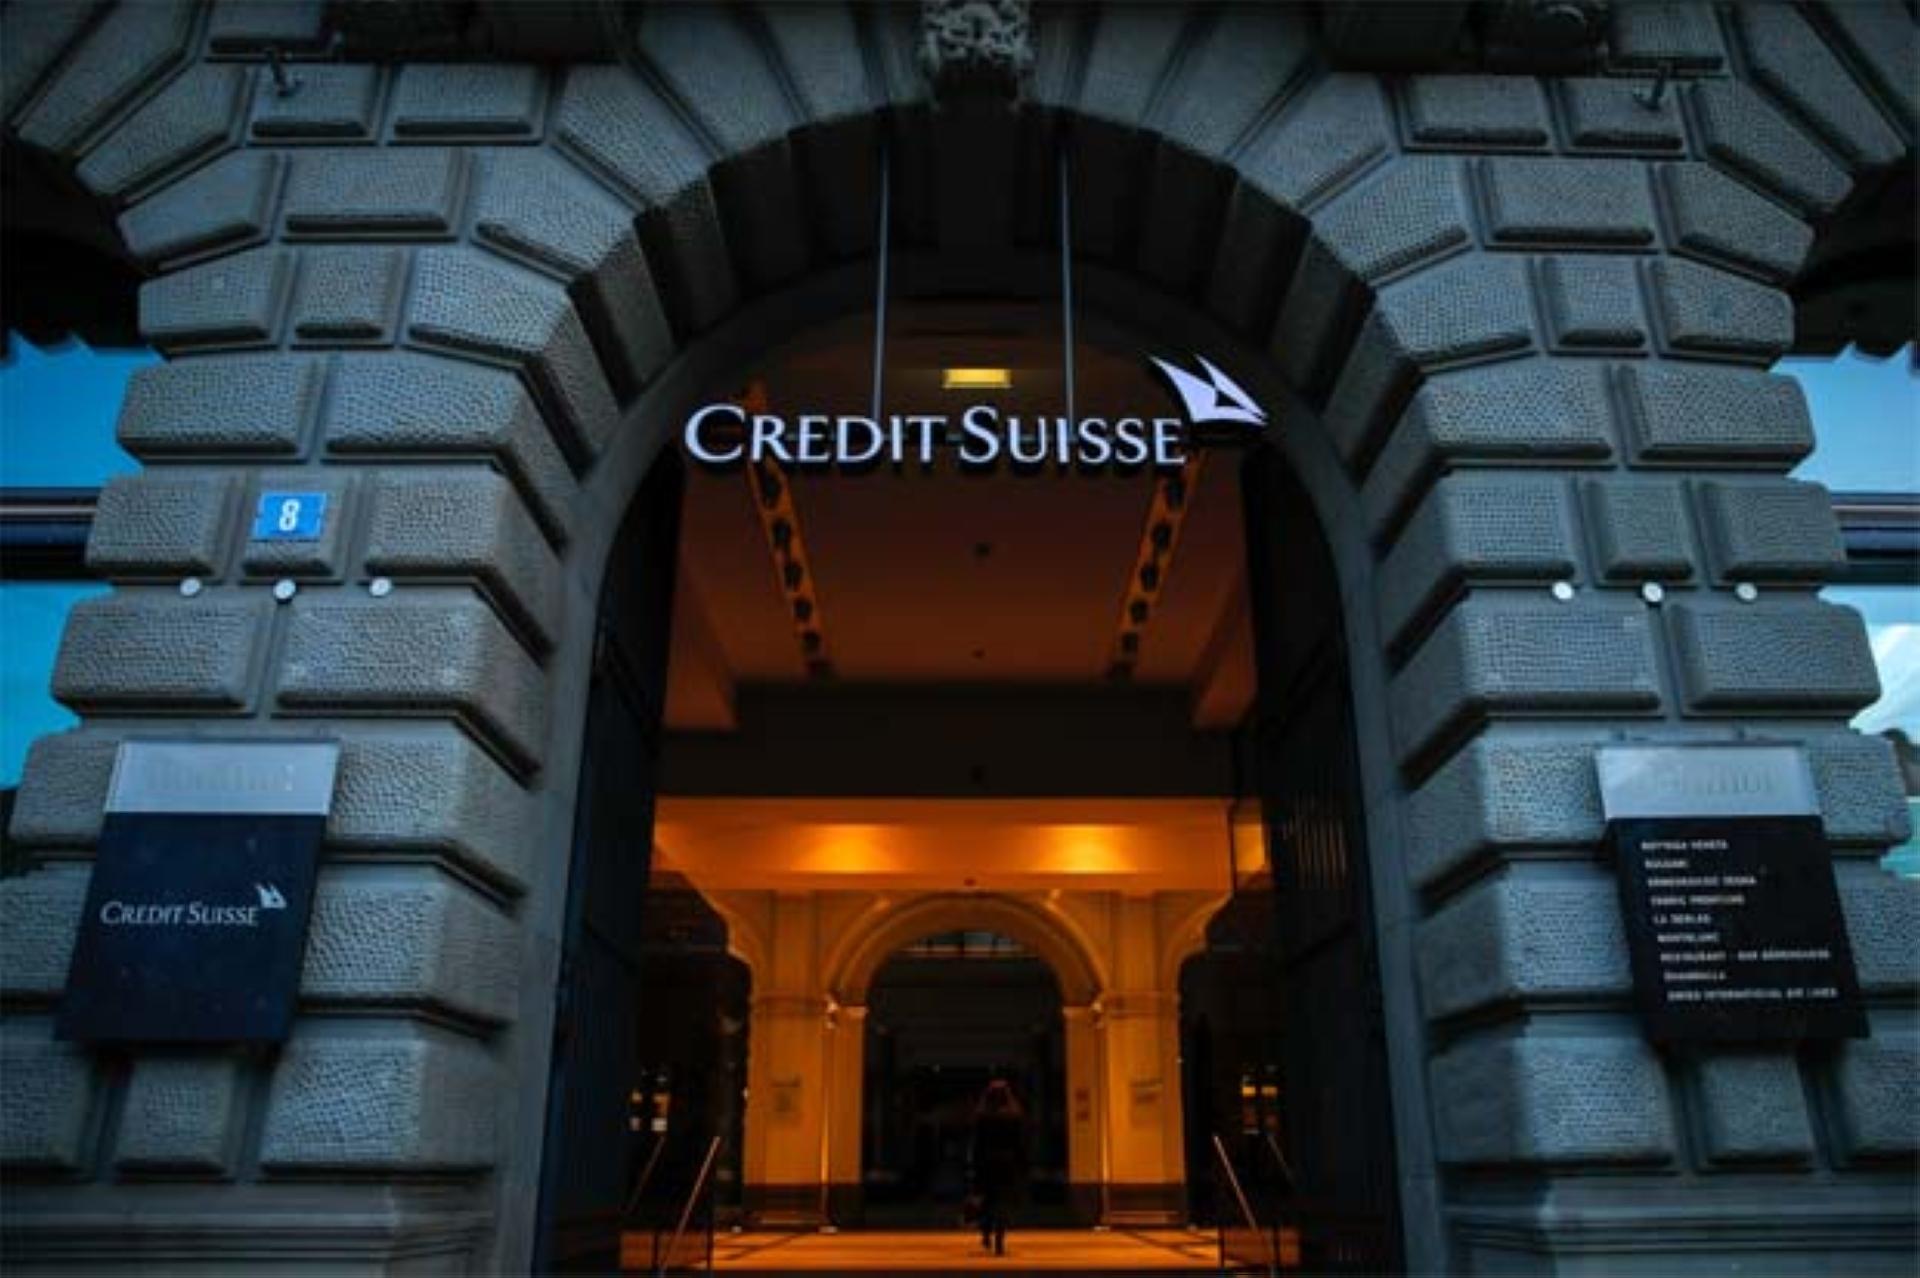 Ex-Credit Suisse banker says secret affair helped fuel US$45m fraud